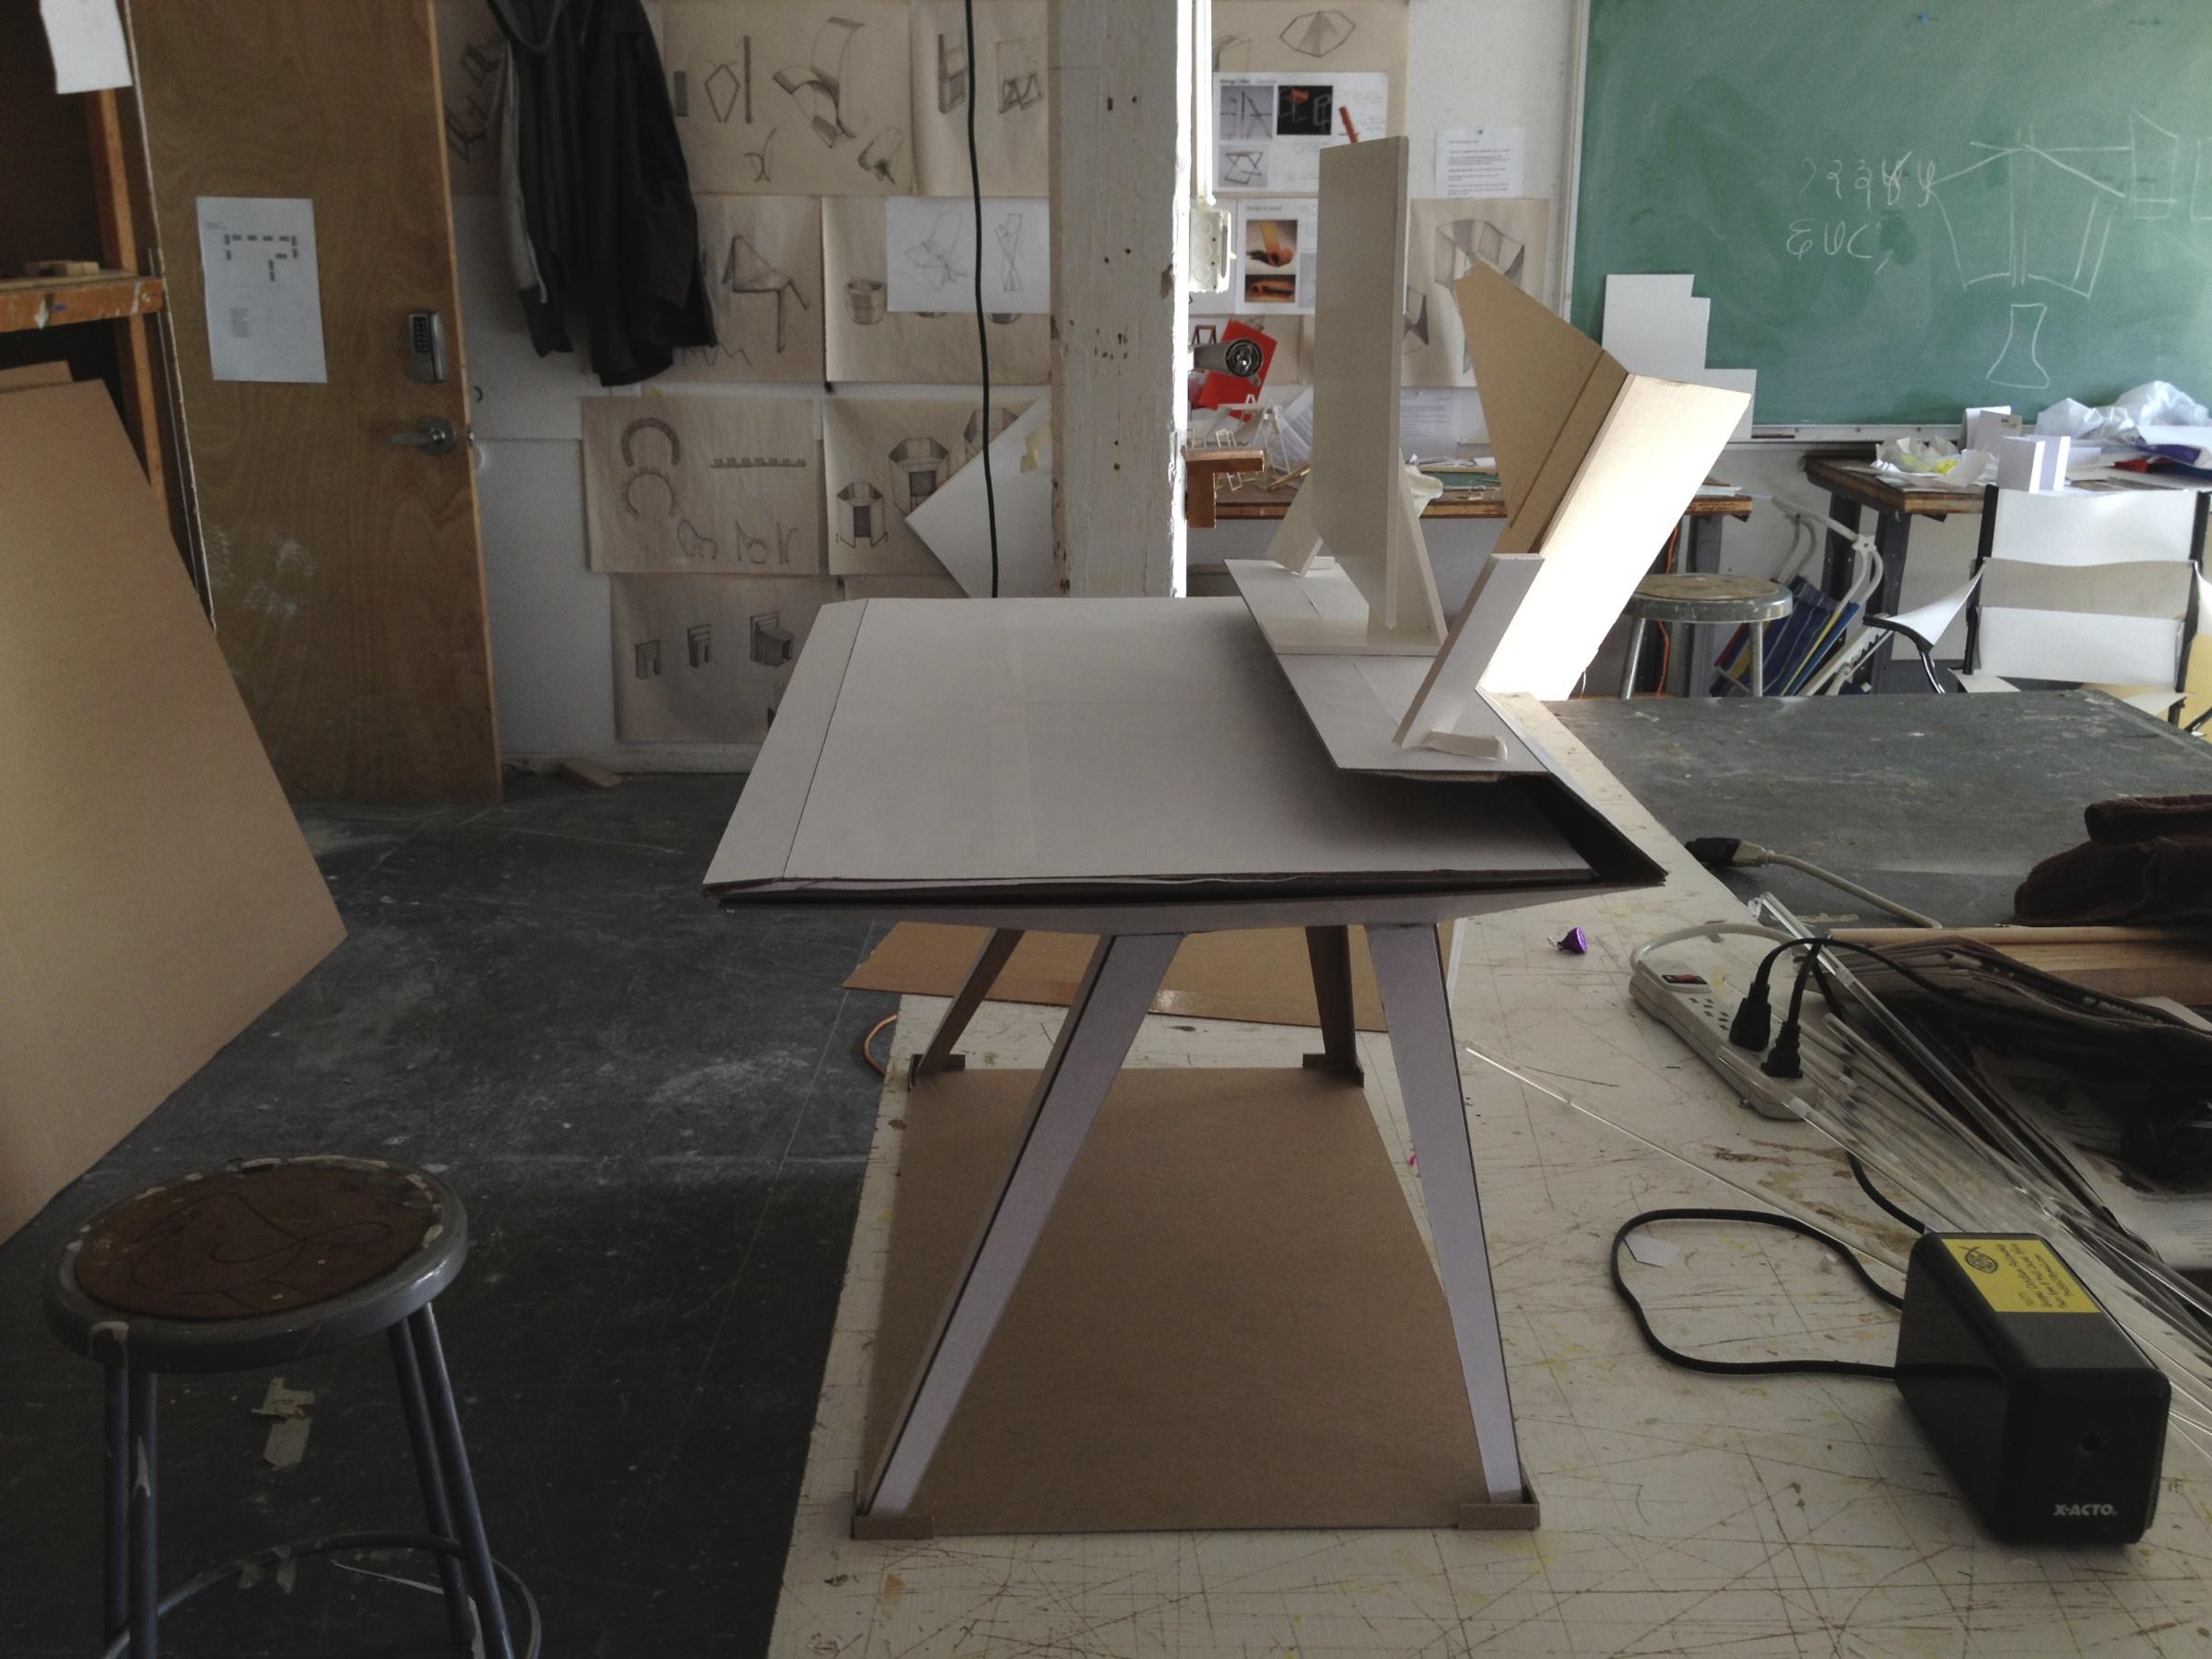 desk117halfSizeModel-1@2x.jpg